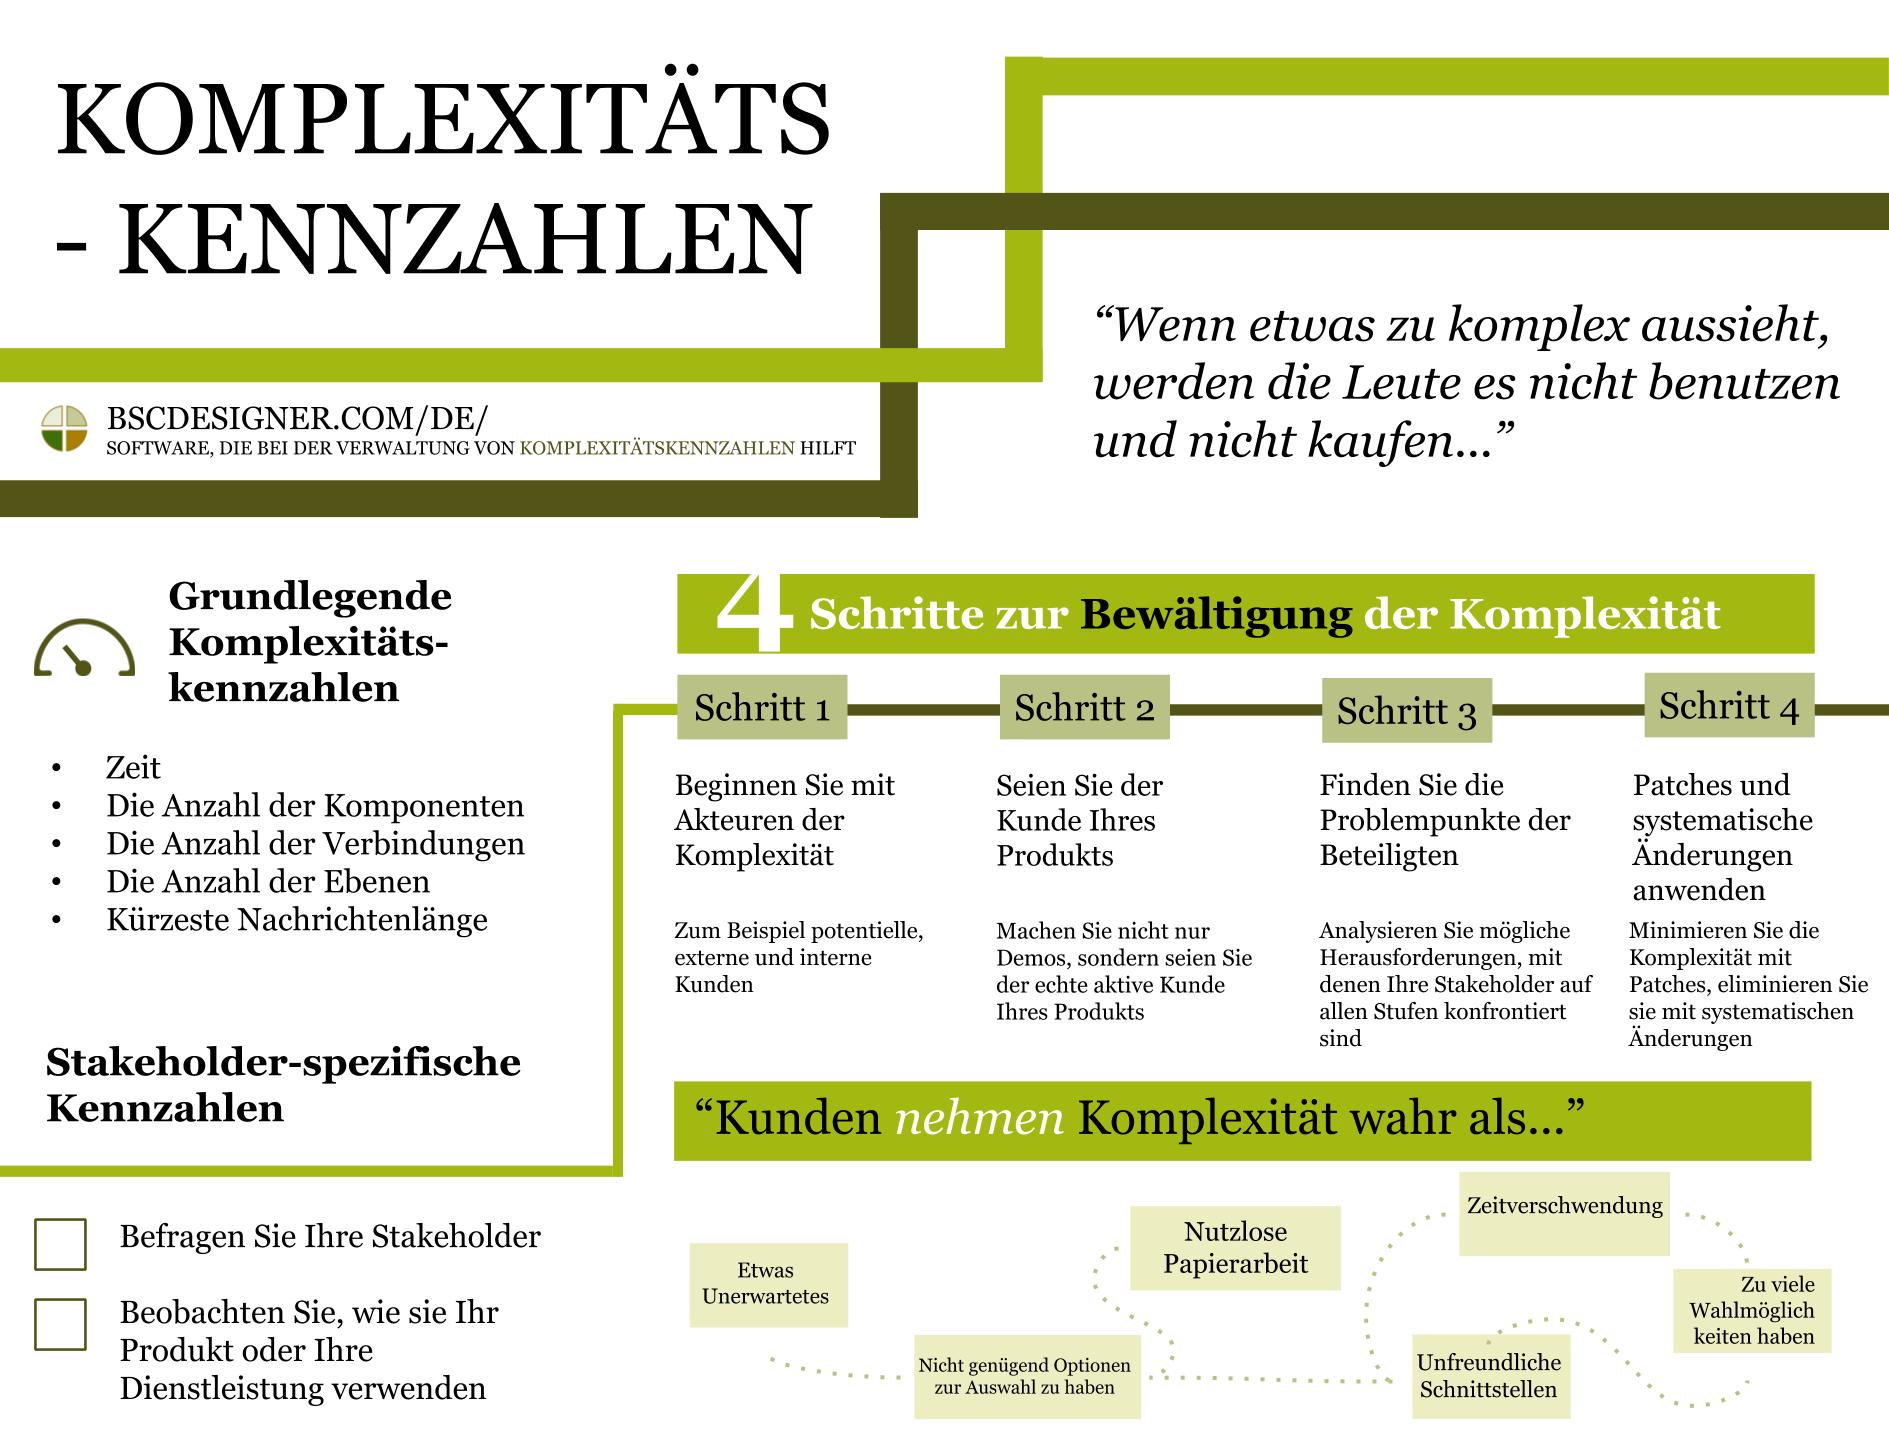 Komplexitätskennzahlen - 4 Schritte zur Verwaltung der Komplexität